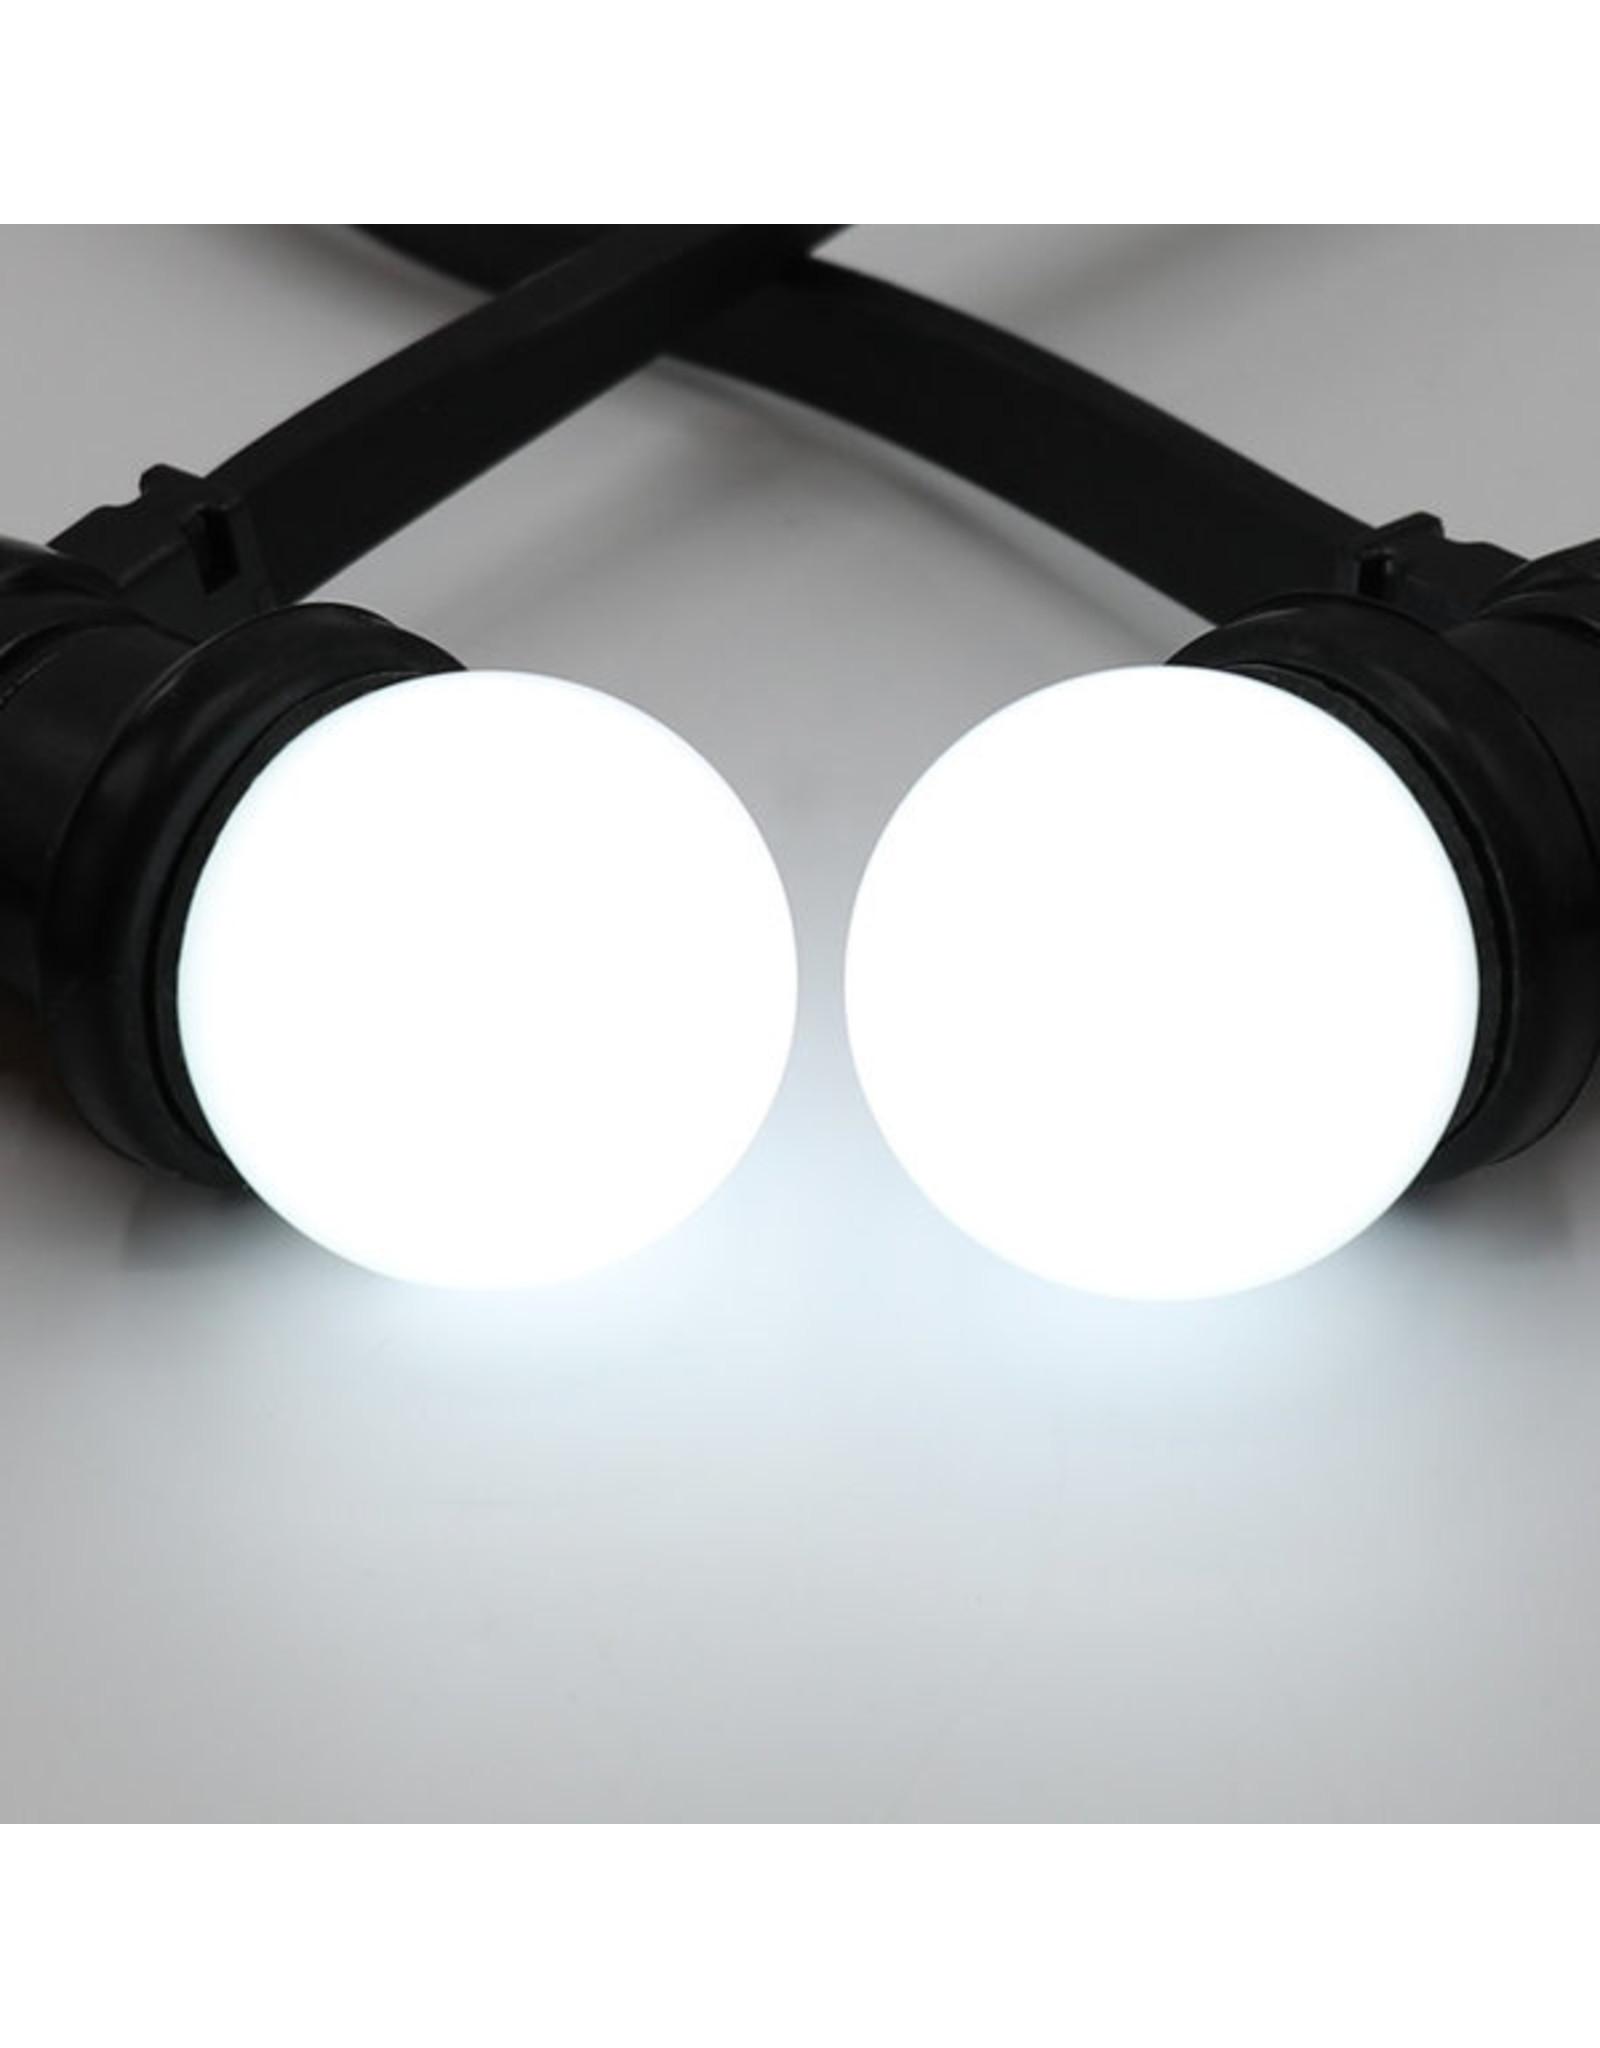 Lights guirlande Warm witte LED lampen met melkkap - 1 watt, 6600K (koud wit)